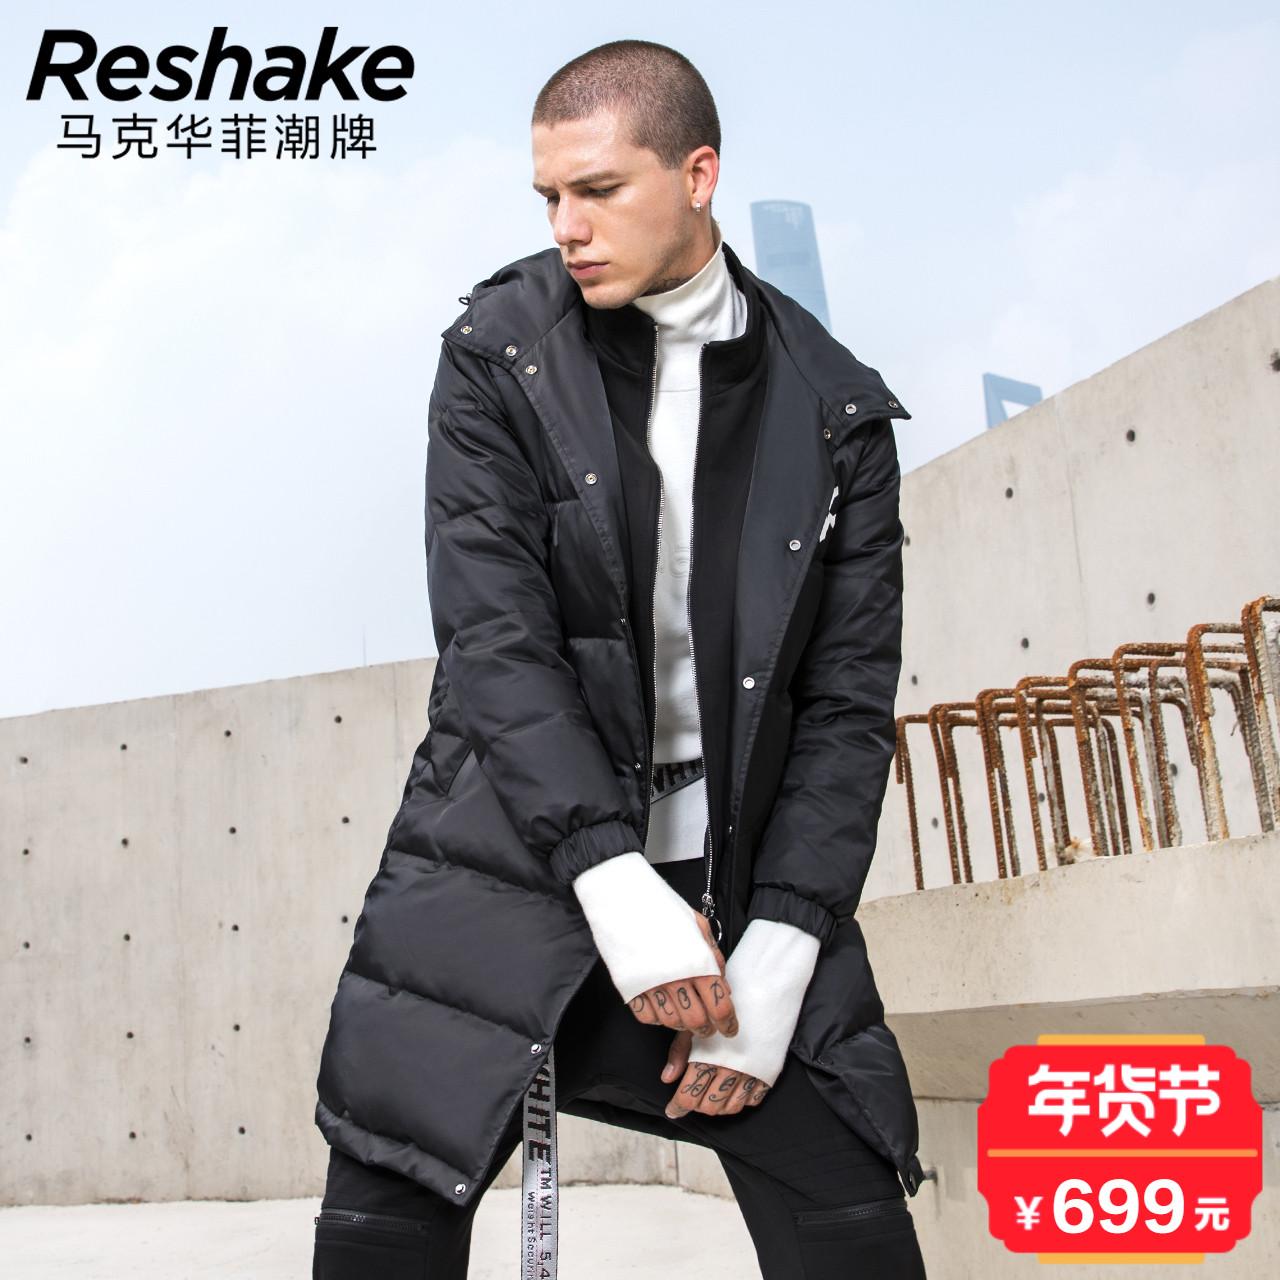 马克华菲型格Reshake羽绒服男2017冬季中长款羽绒服加厚潮外套